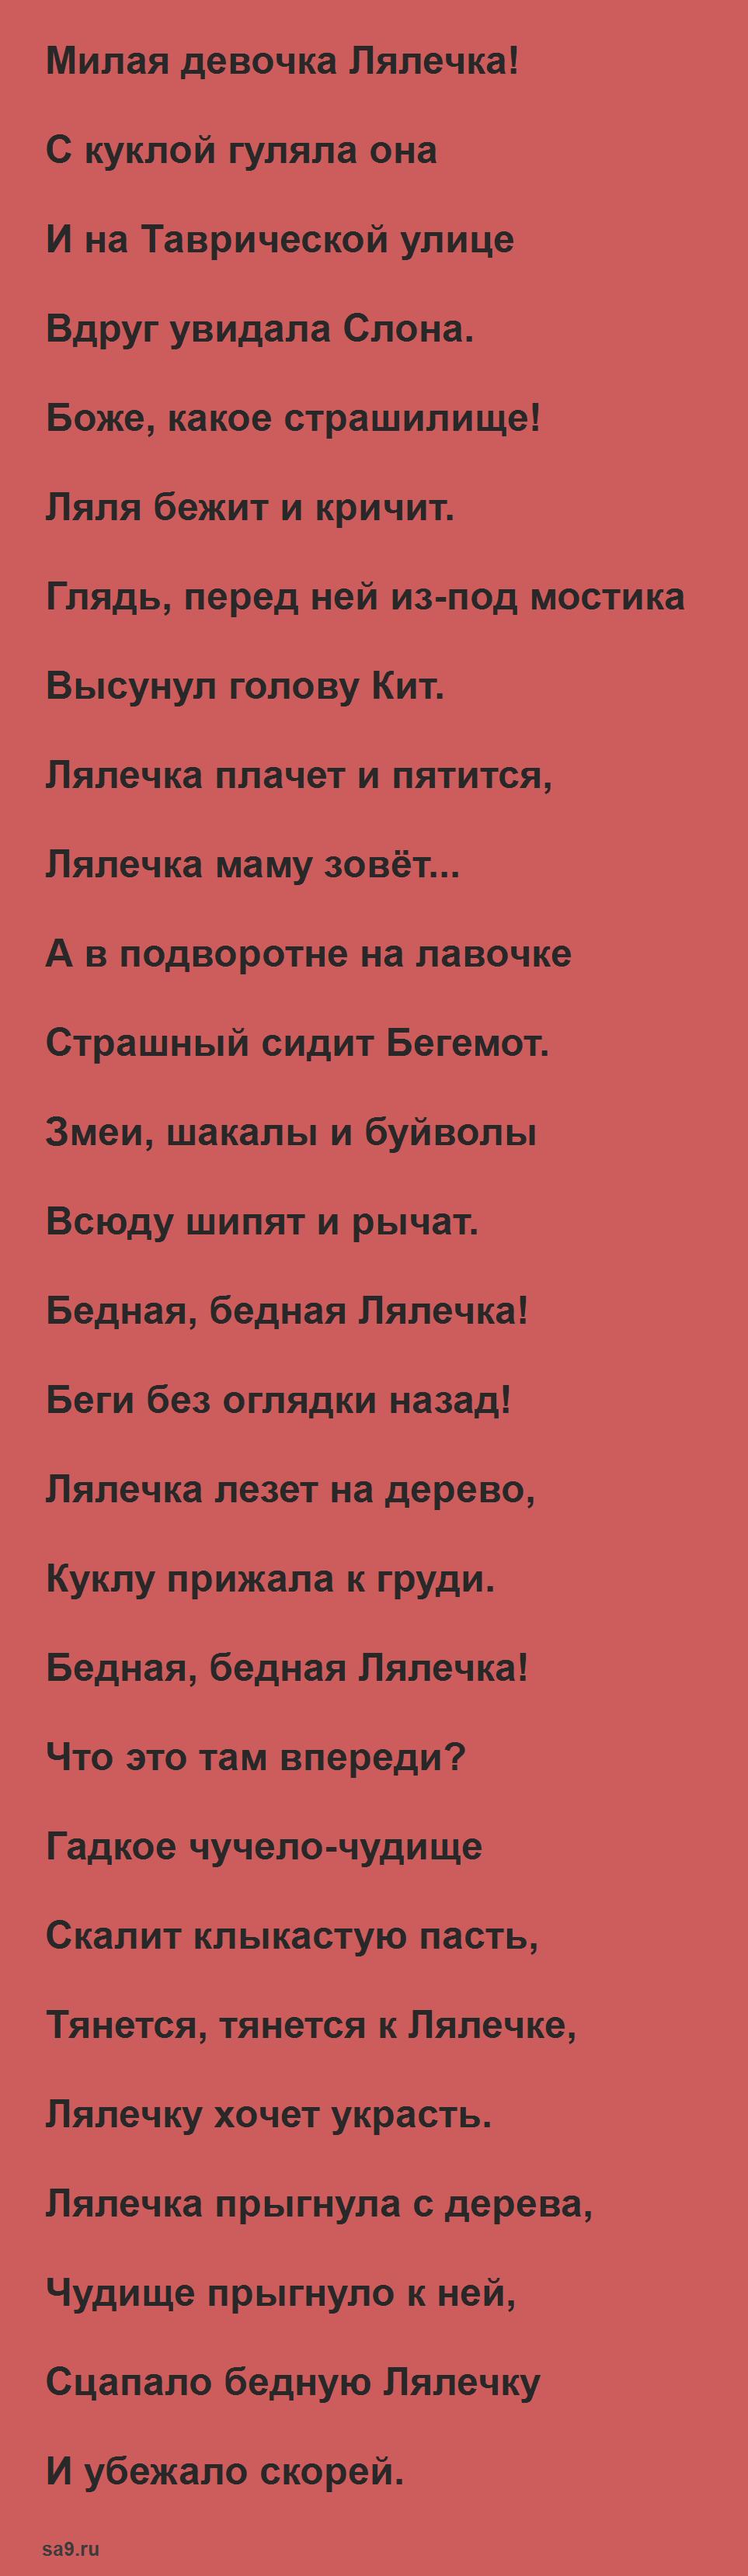 Читать детскую сказку Чуковского 'Крокодил'